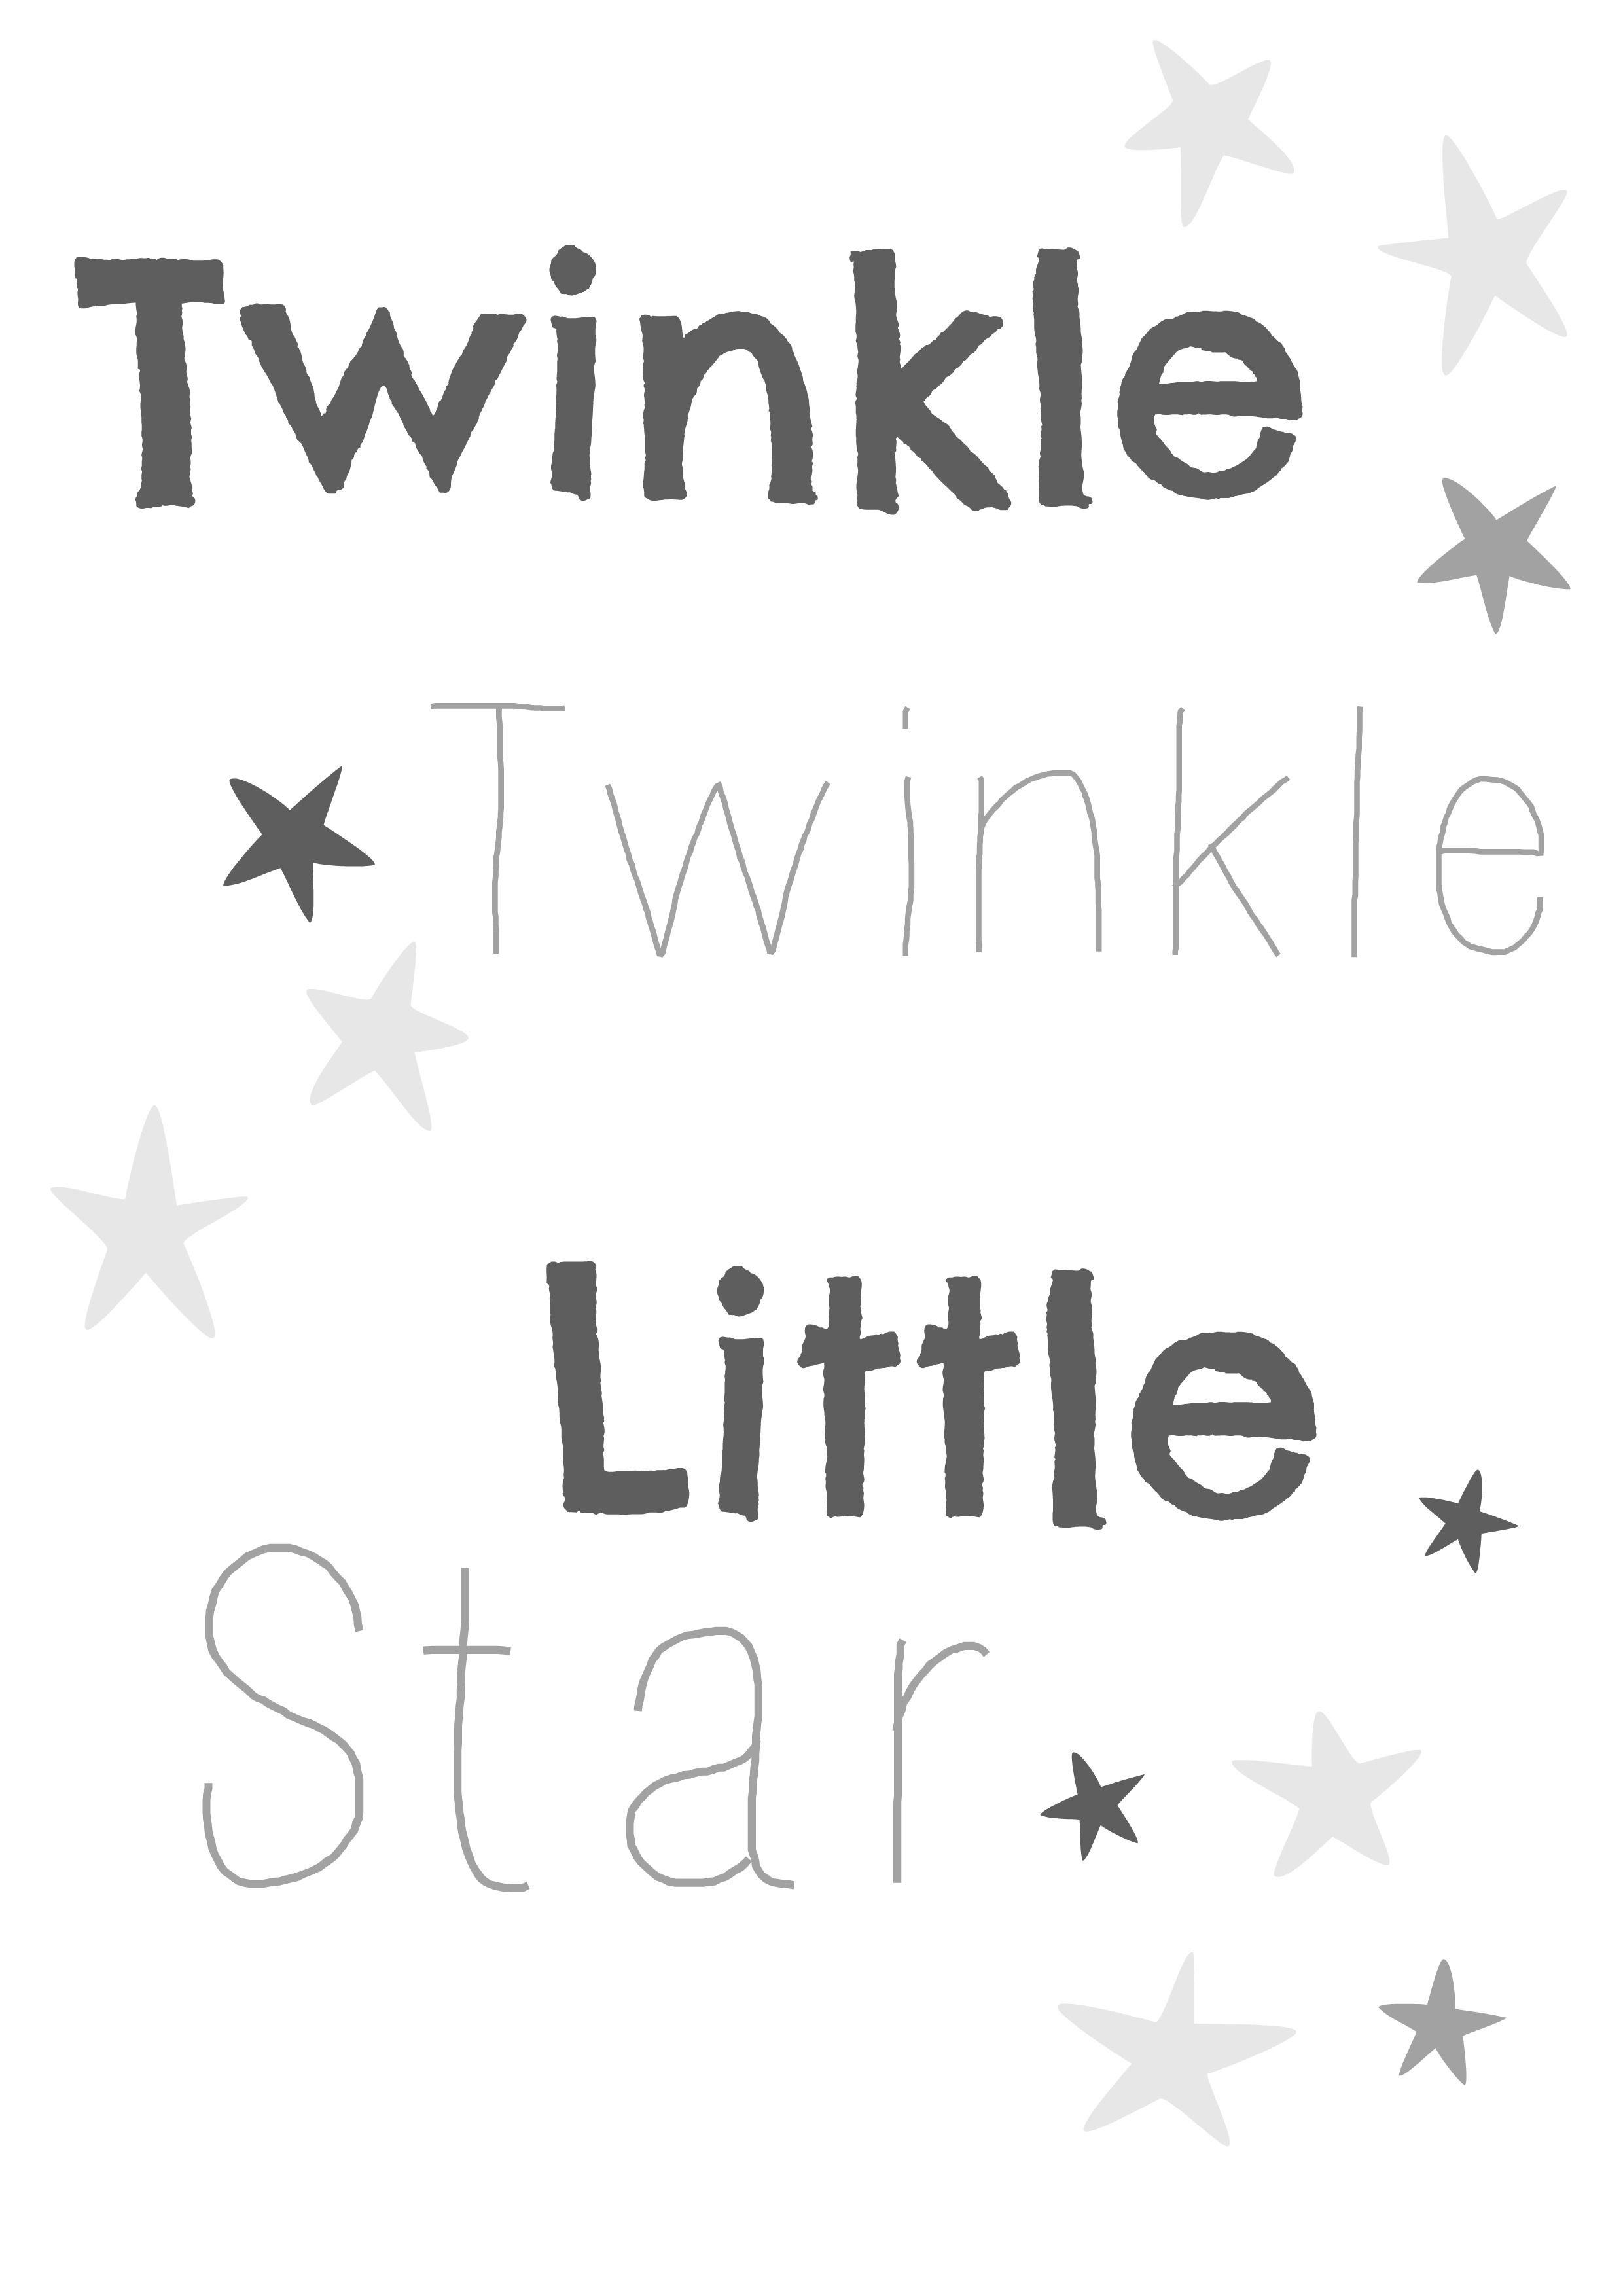 Twinkle Twinkle Little Star Nursery Print, Free Printable From - Twinkle Twinkle Little Star Baby Shower Free Printables